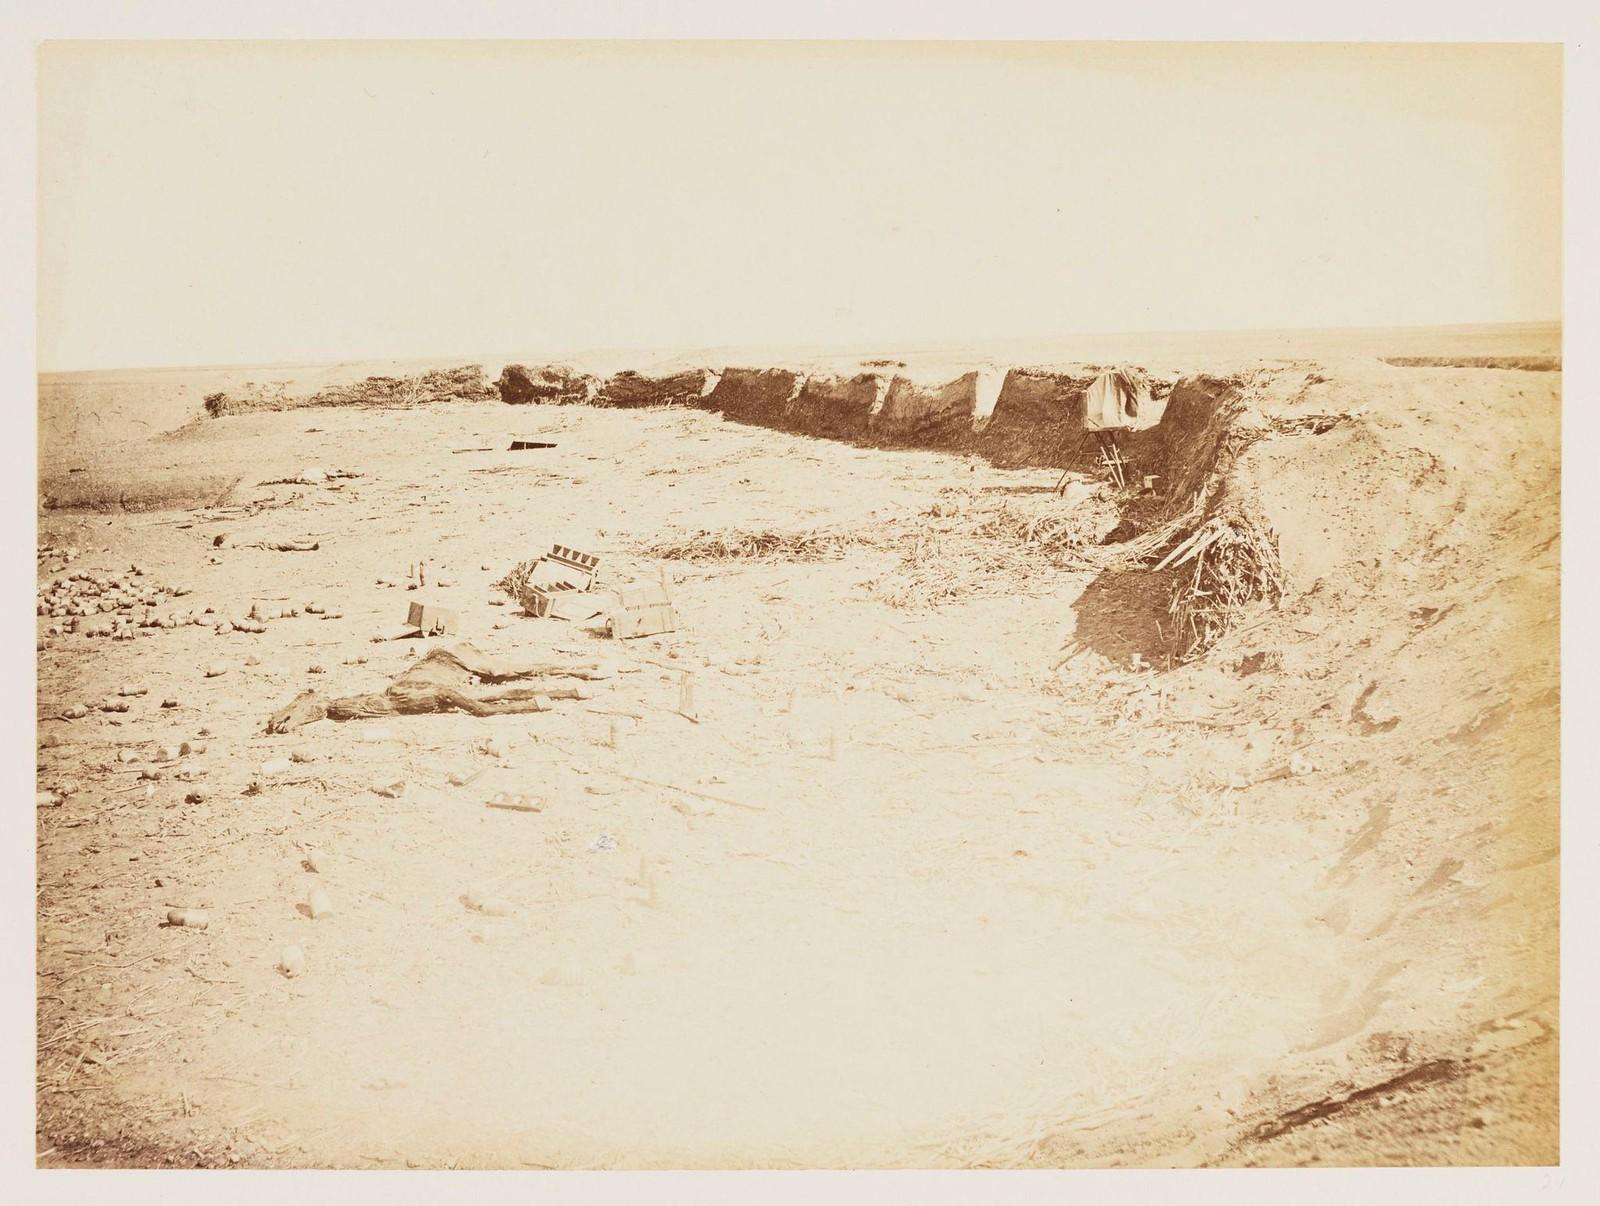 13. Фотография мертвого осла на поле битвы Тель-эль-Кебир, сделанная через три месяца после битвы